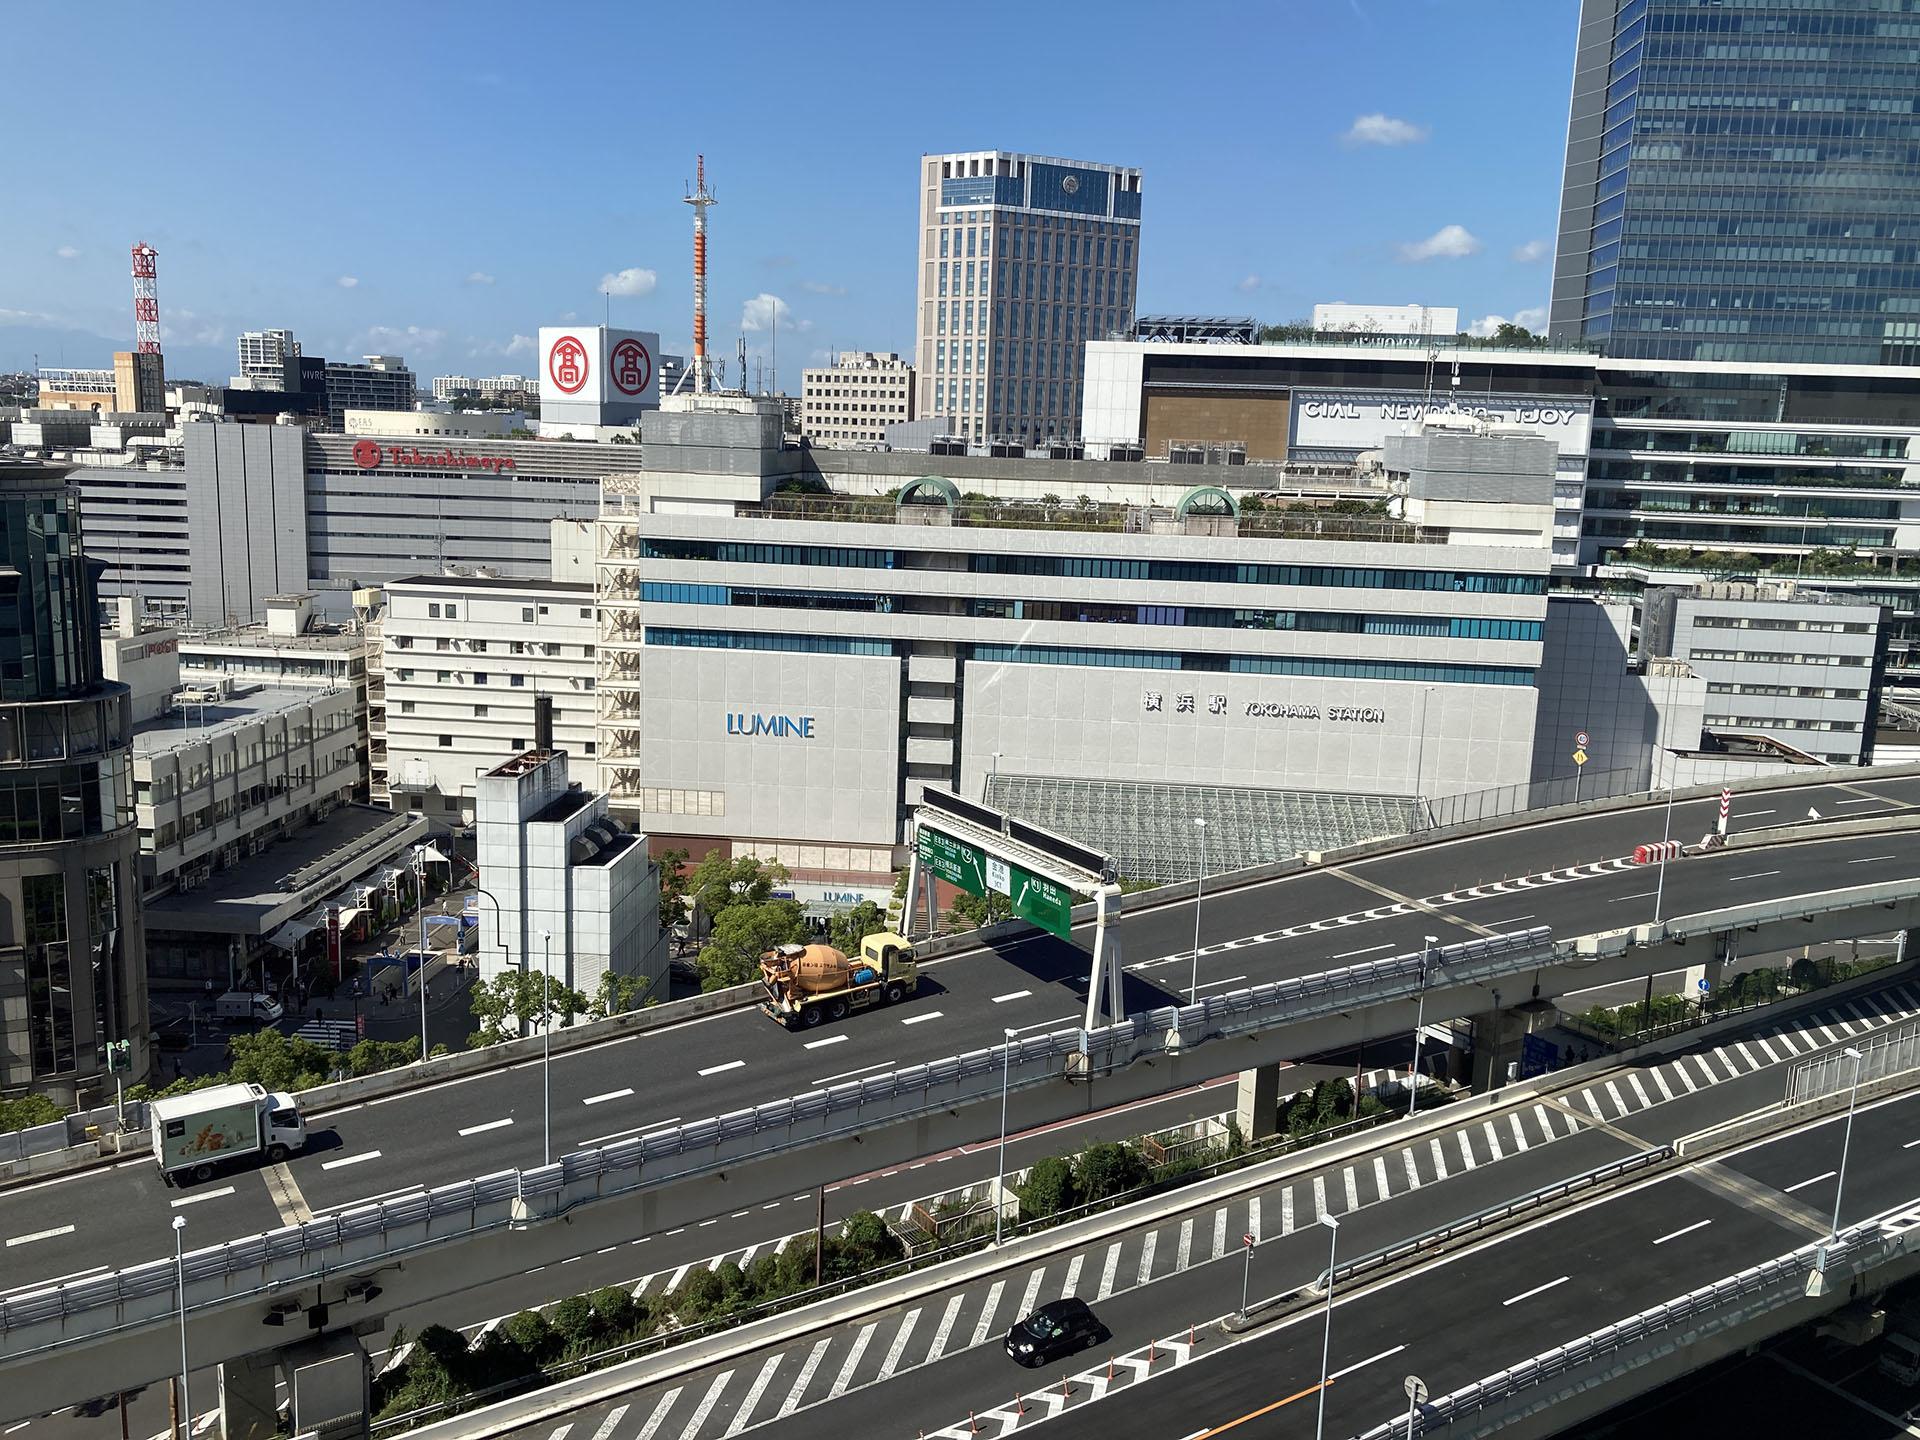 横浜駅東口 ―ヨコハマを象徴する、ベイフロントの街並み―